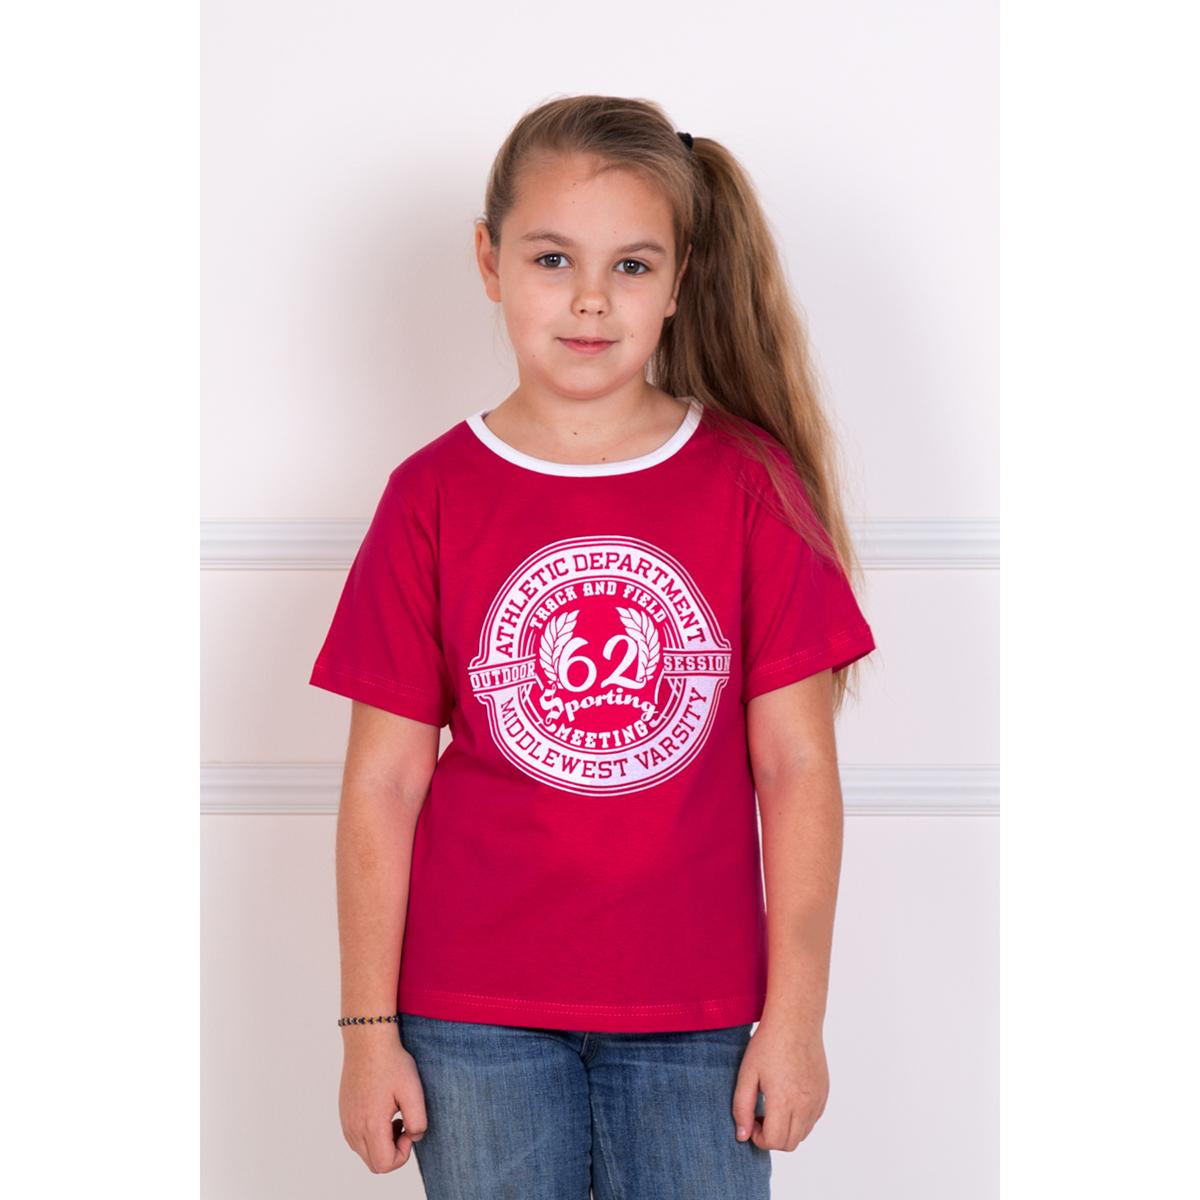 Детская футболка Камелот Малиновый, размер 28Майки и футболки<br><br><br>Тип: Дет. футболка<br>Размер: 28<br>Материал: Кулирка